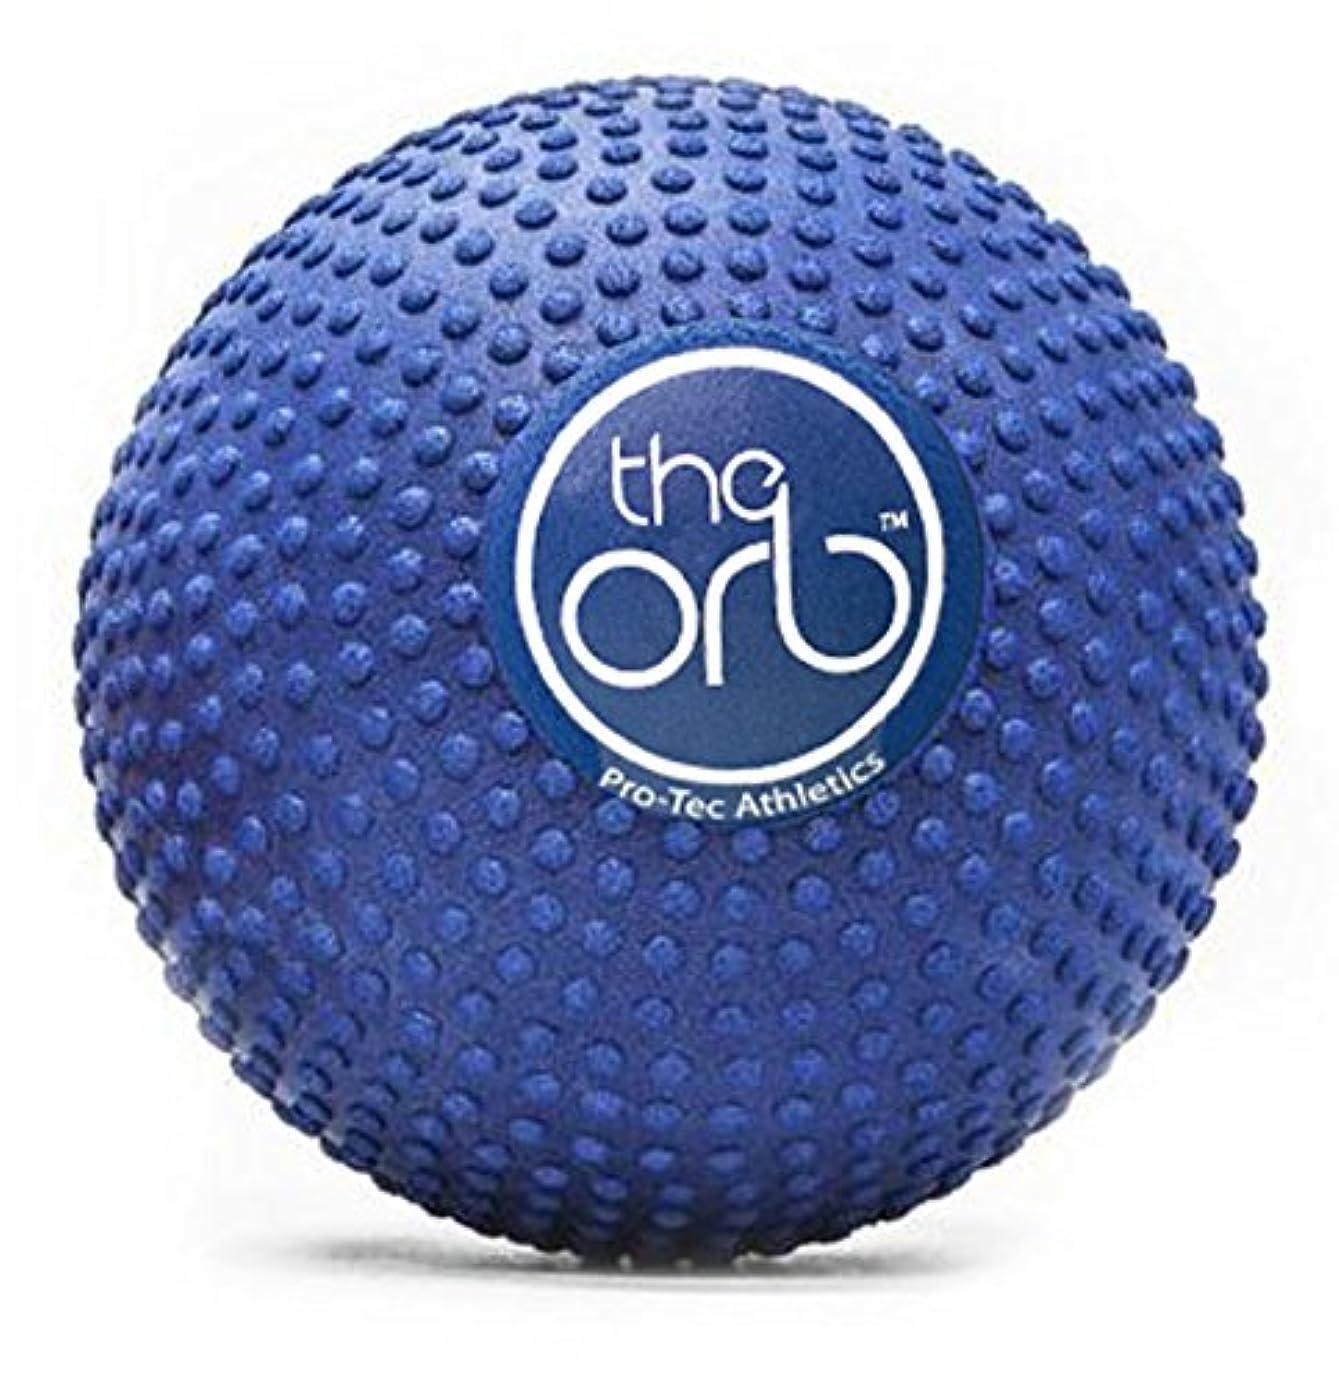 商品メイン法律によりPro-Tec Athletics(プロテックアスレチックス) The Orb 5